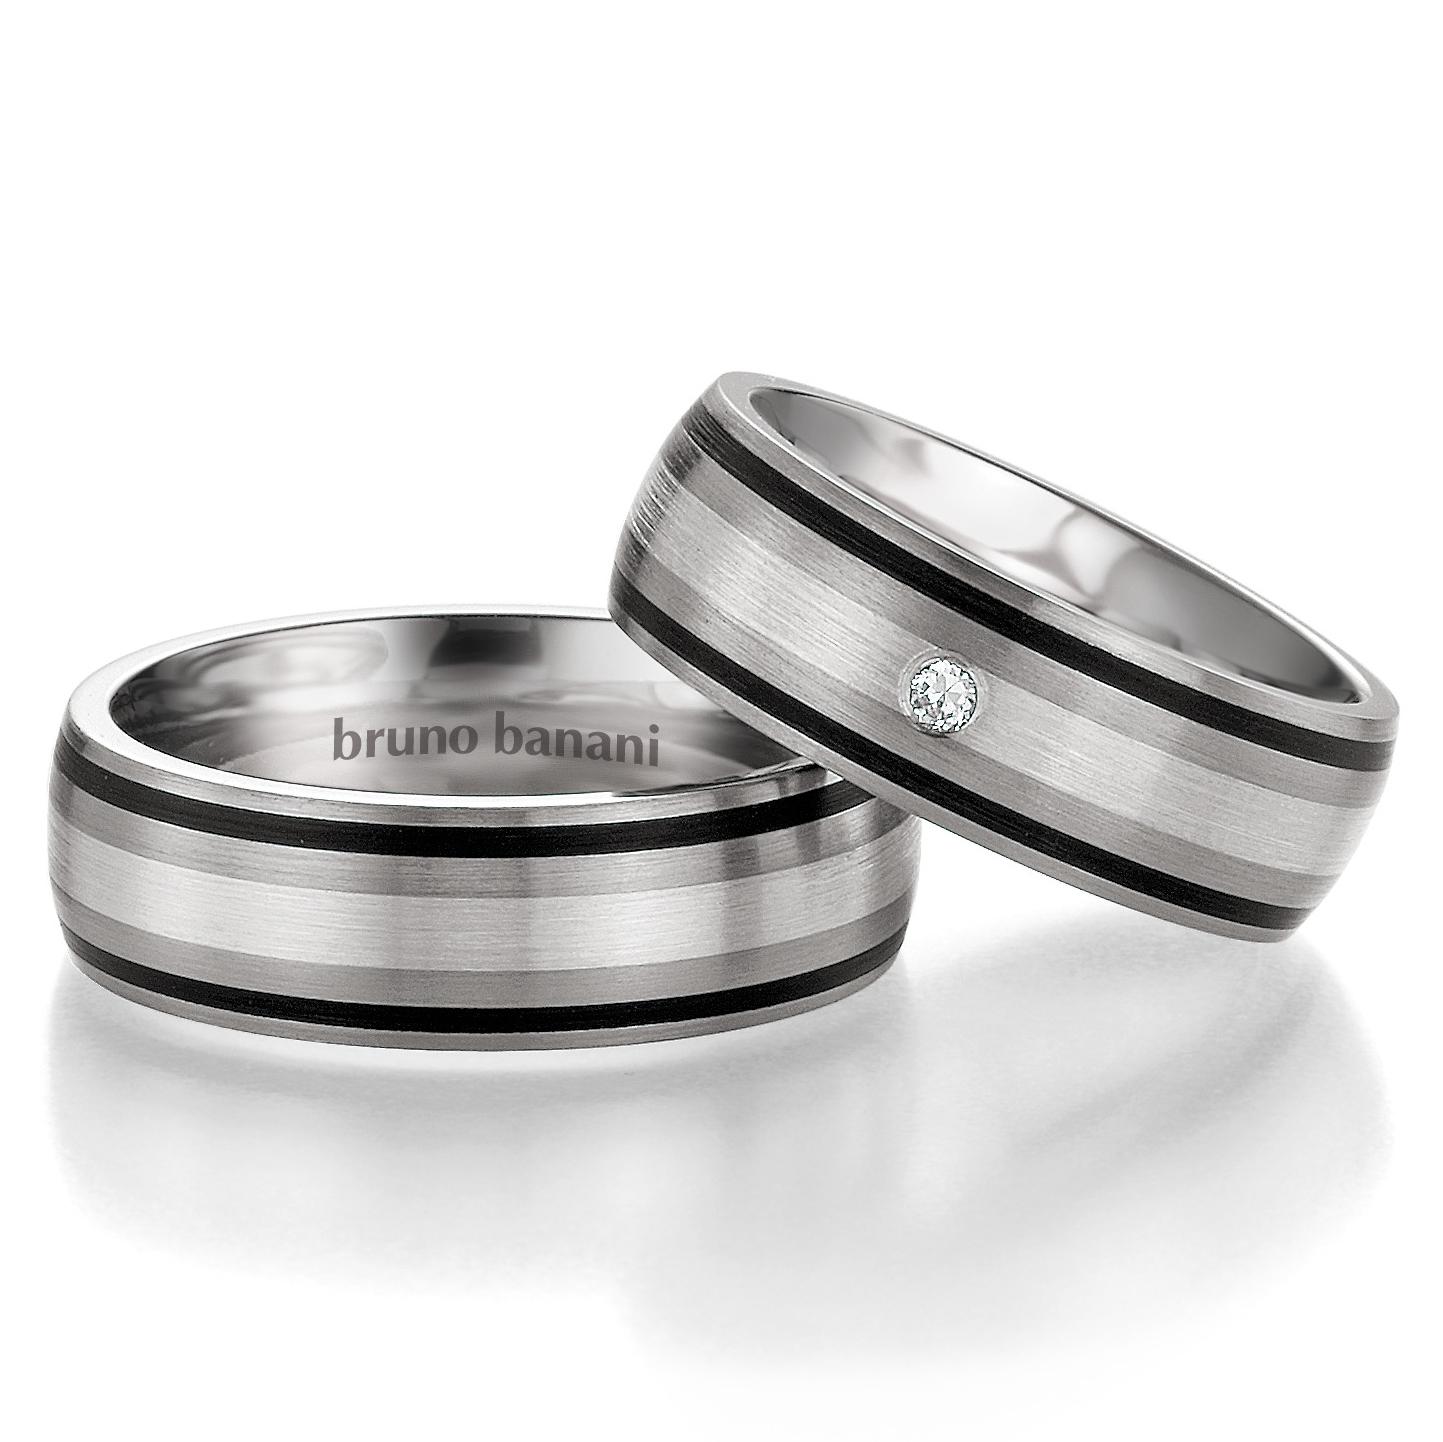 Bruno Banani Ringe Titan mit Silber 42.83190 44.83191